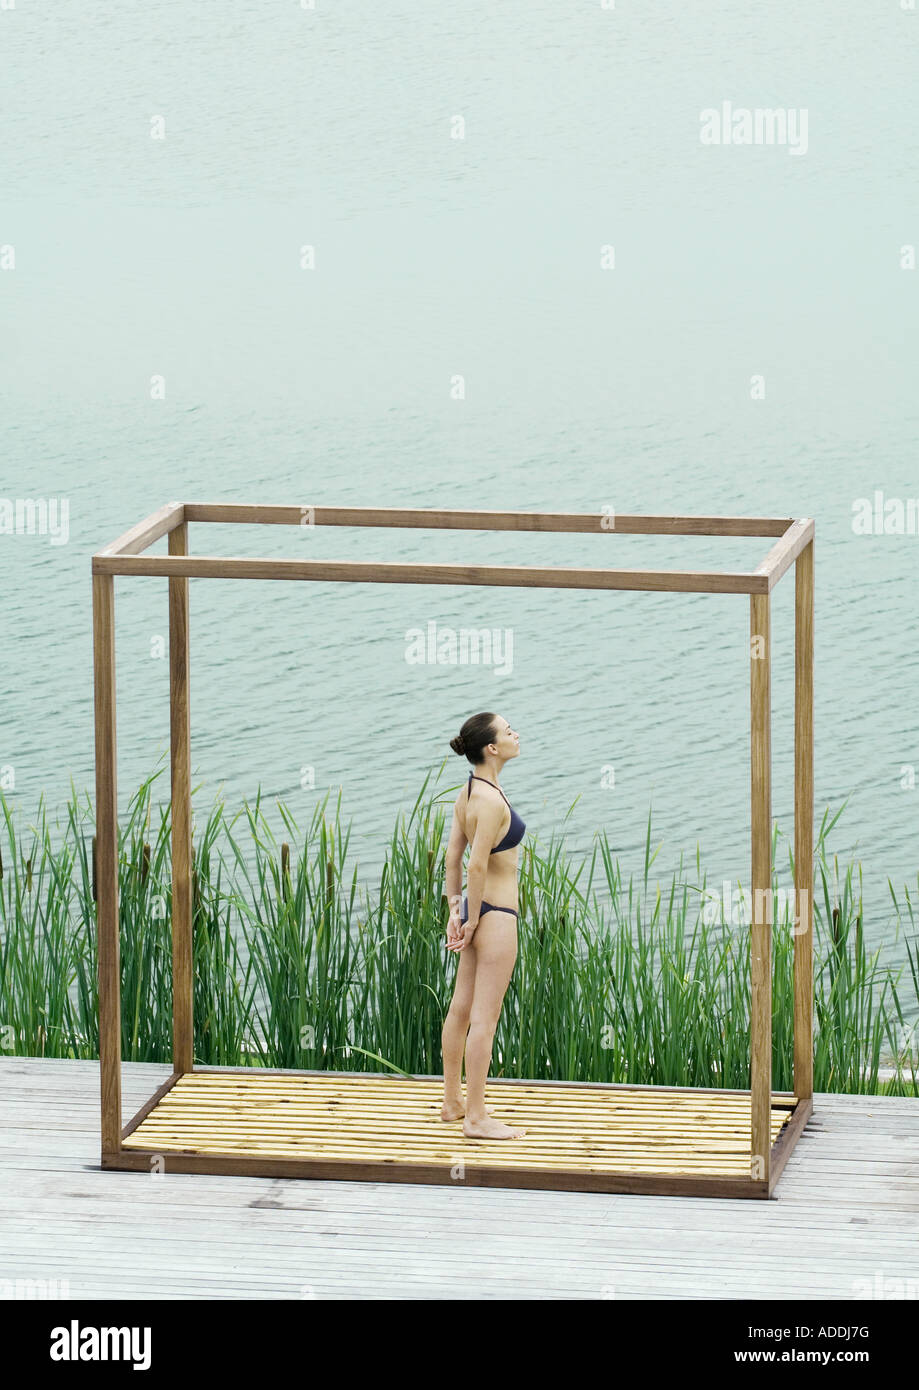 Junge Frau im Inneren quadratischen Struktur neben Gewässer Stockbild